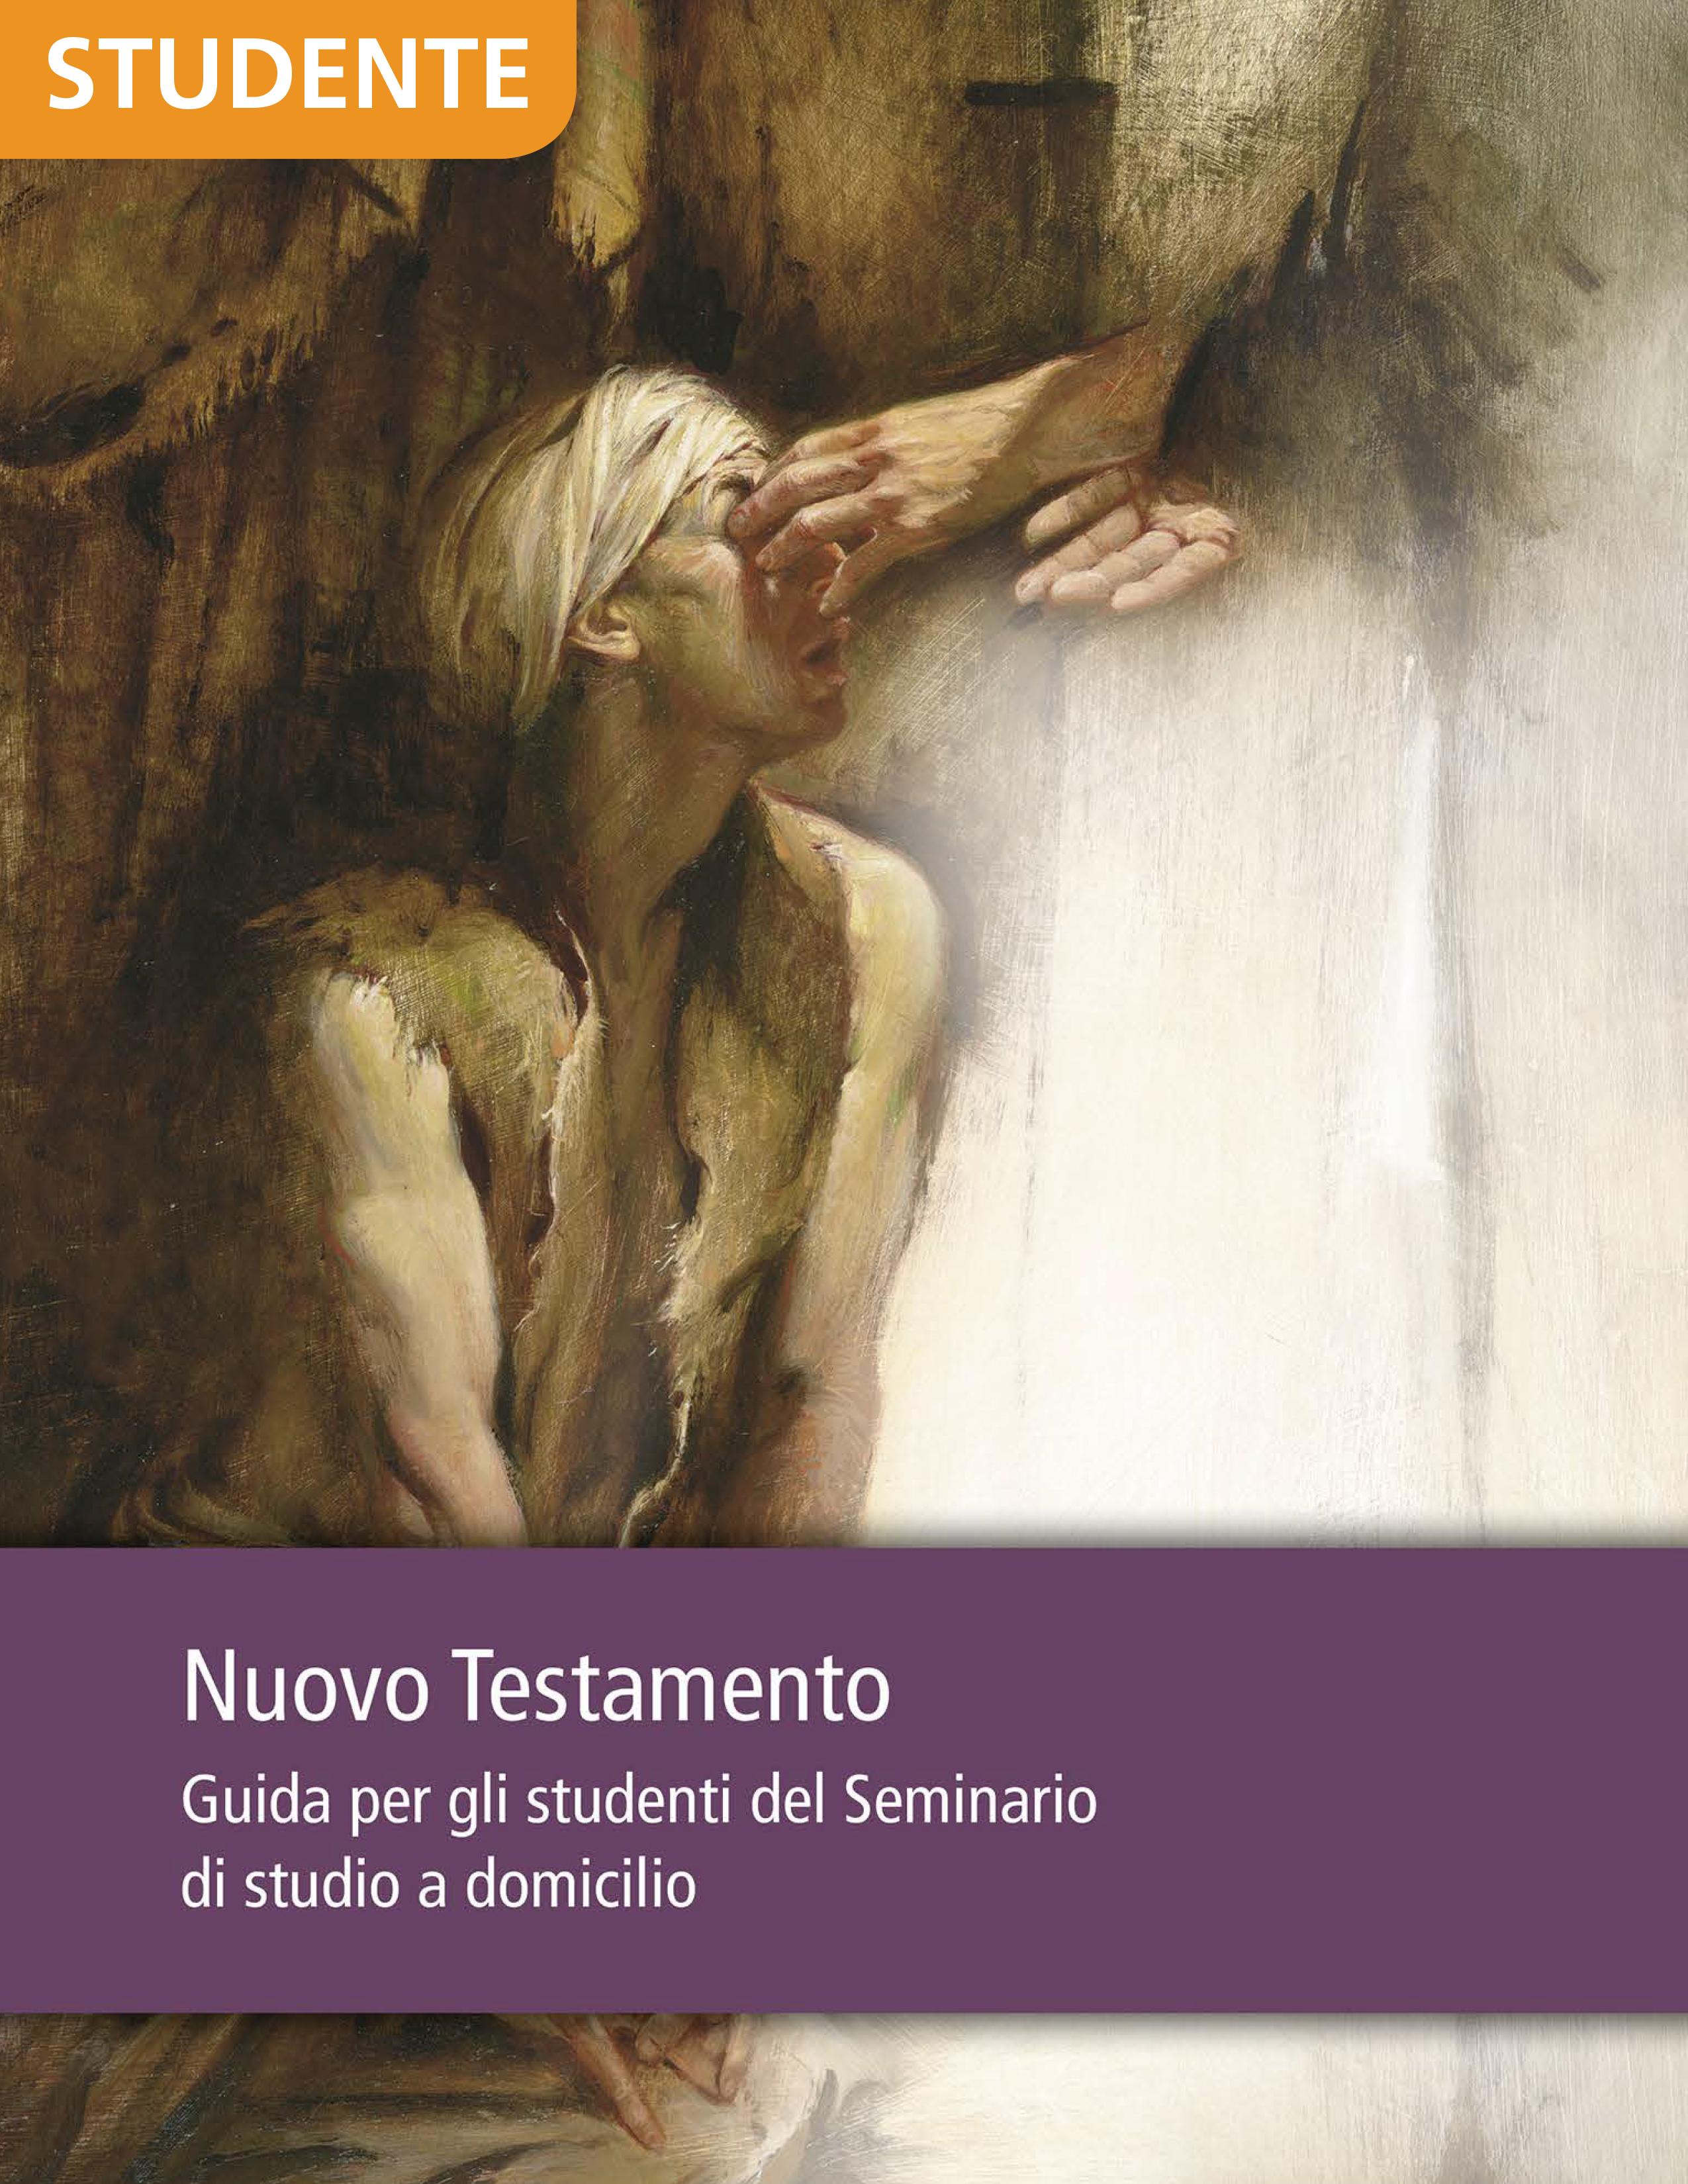 Nuovo Testamento – Guida per gli studenti del corso di studio a domicilio del Seminario